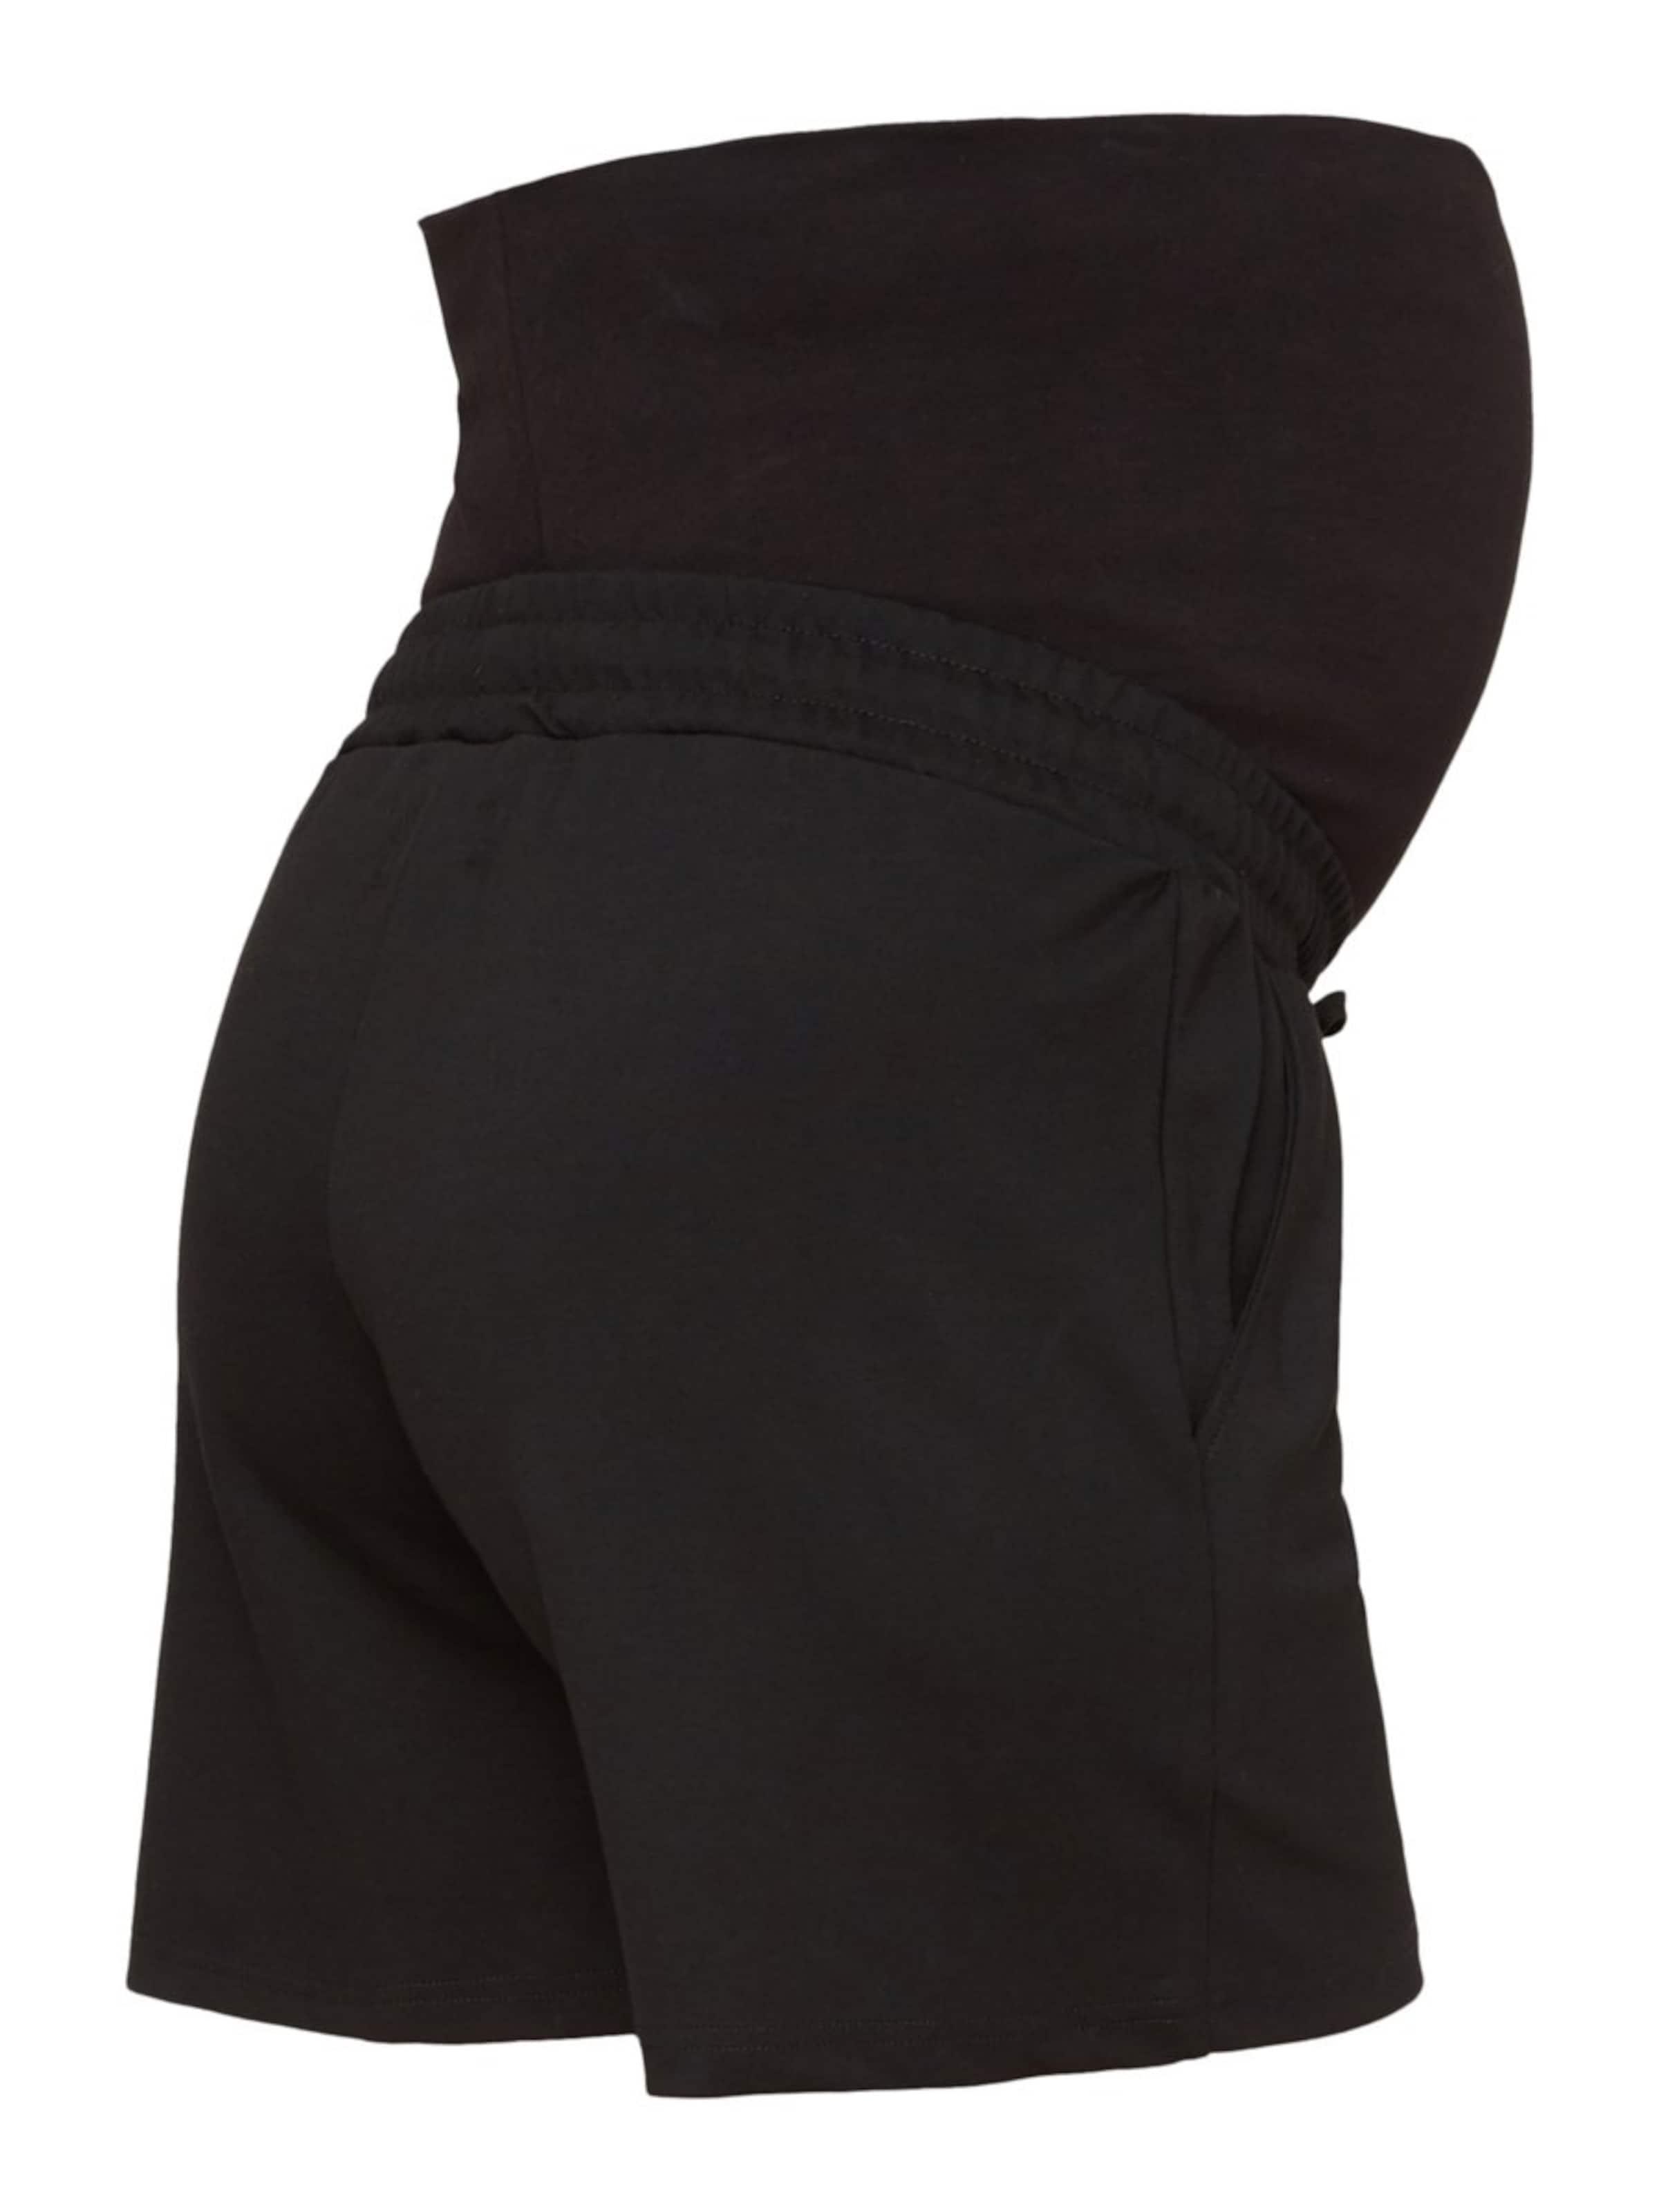 Pantalon Mamalicious En Pantalon Mamalicious Pantalon Noir Mamalicious En Noir Mamalicious Pantalon Noir En OiTPkXwuZ